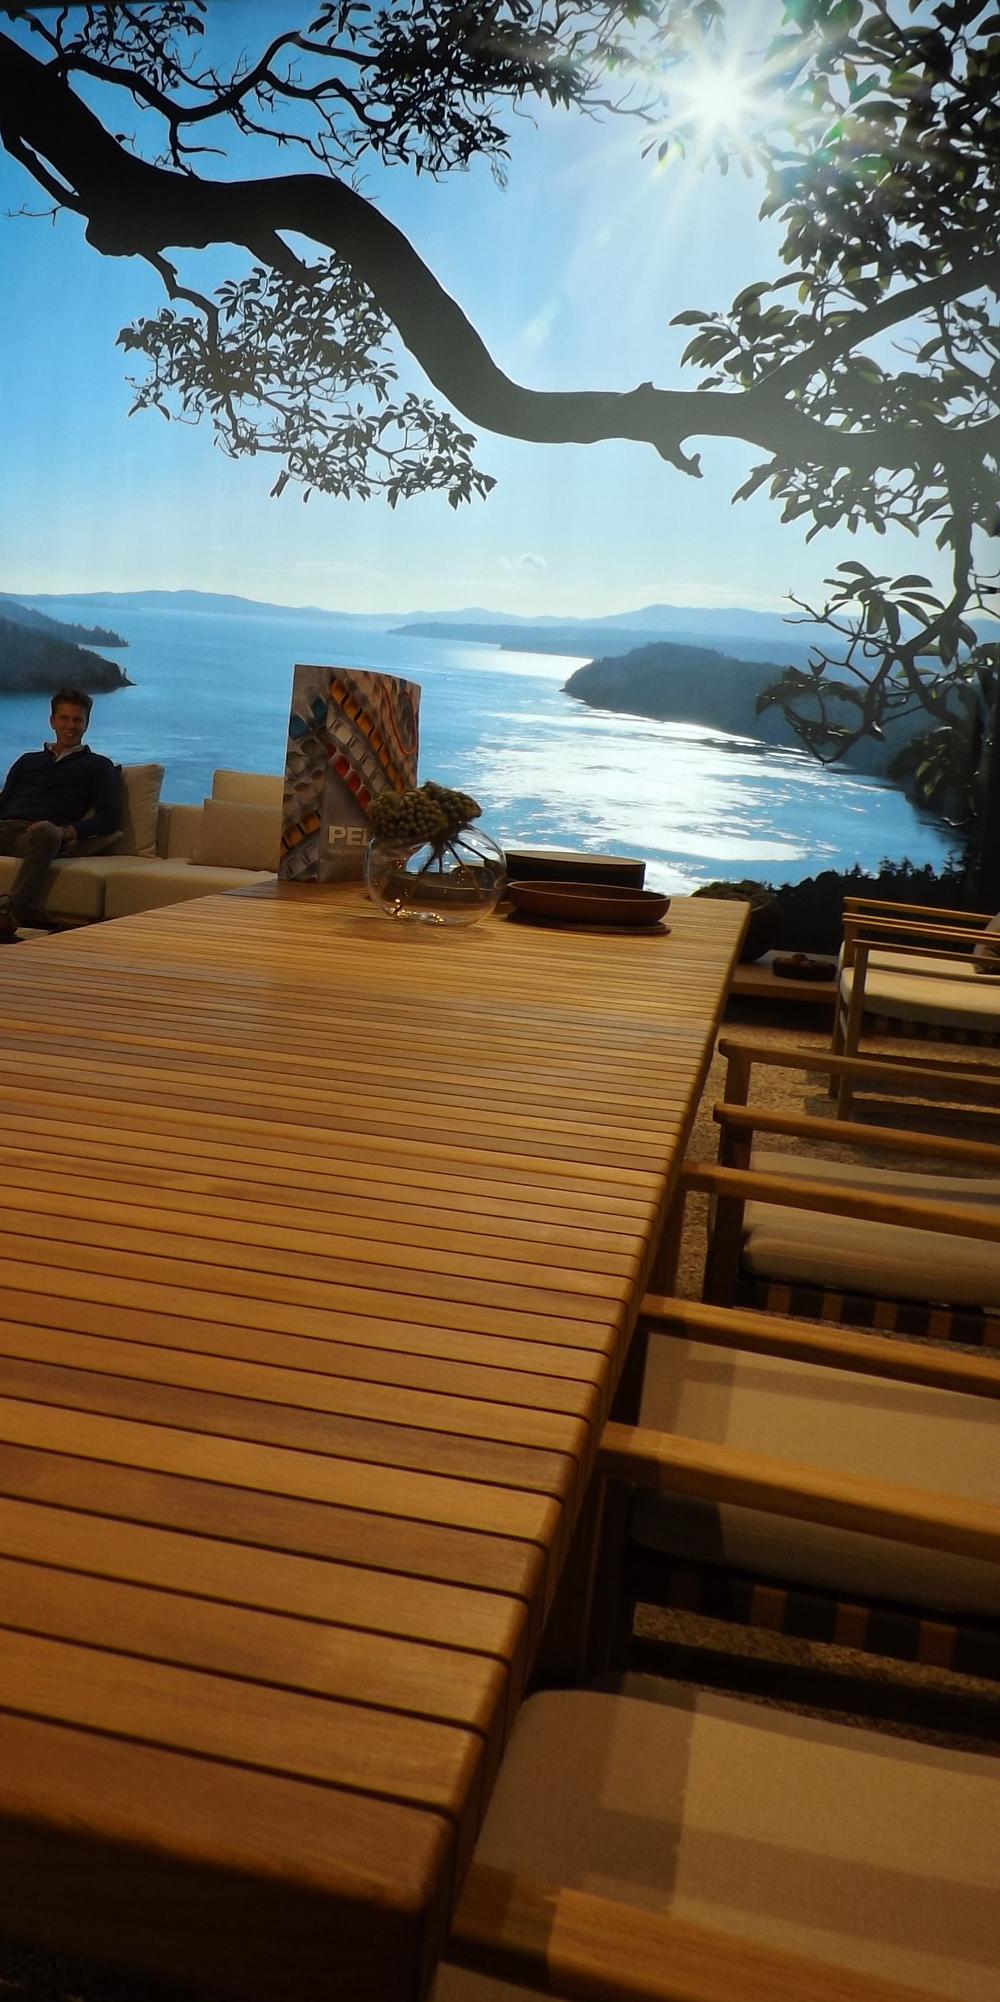 Tendència 2 en mobiliari i decoració: Les fustes utilitzades en el seu estat pur. Un article de @SeseJover